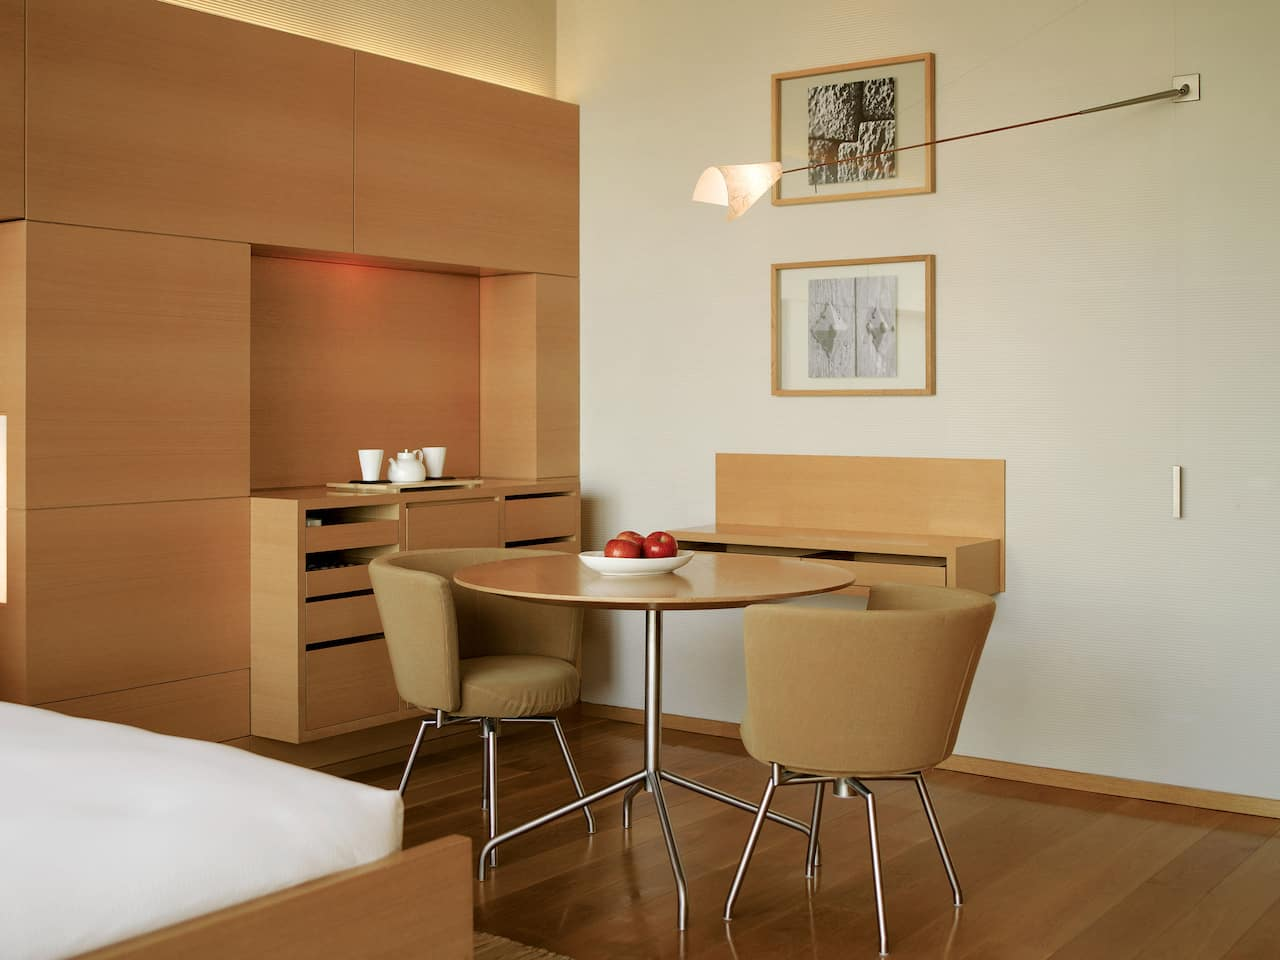 韩国首尔柏悦酒店豪华客房布局